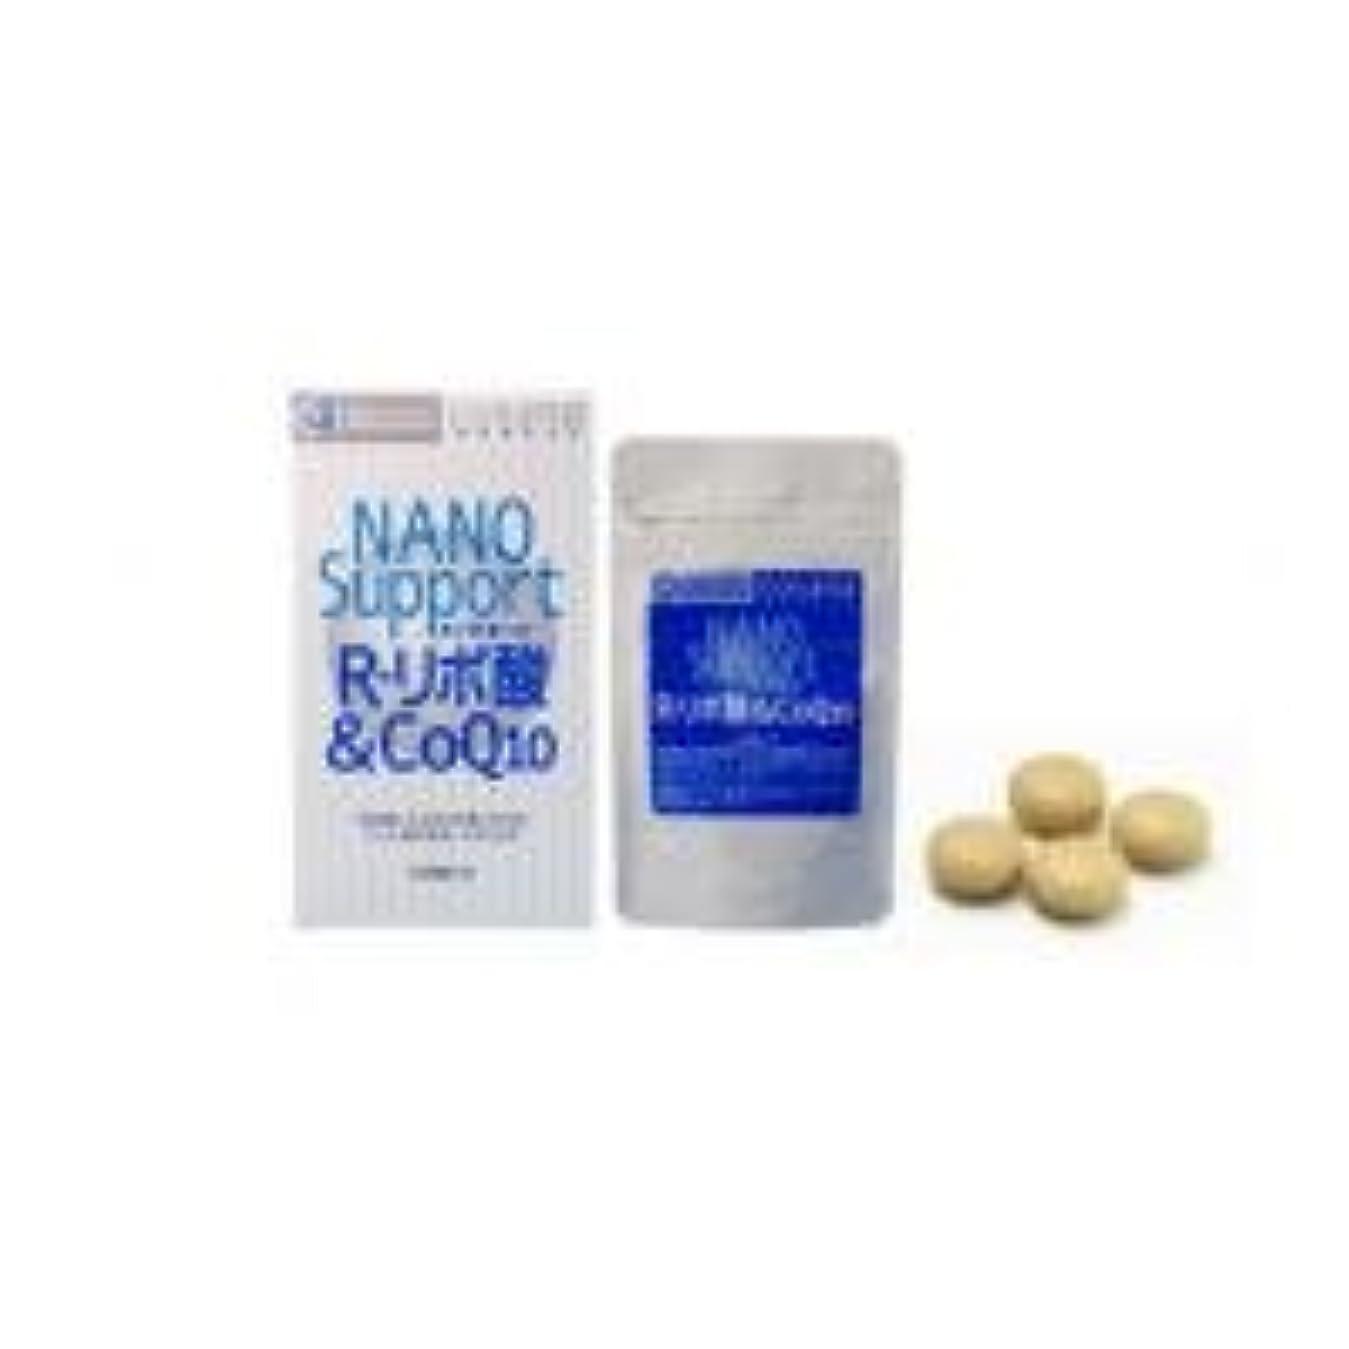 休みええ戻るナノサポートR-リポ酸&CoQ10